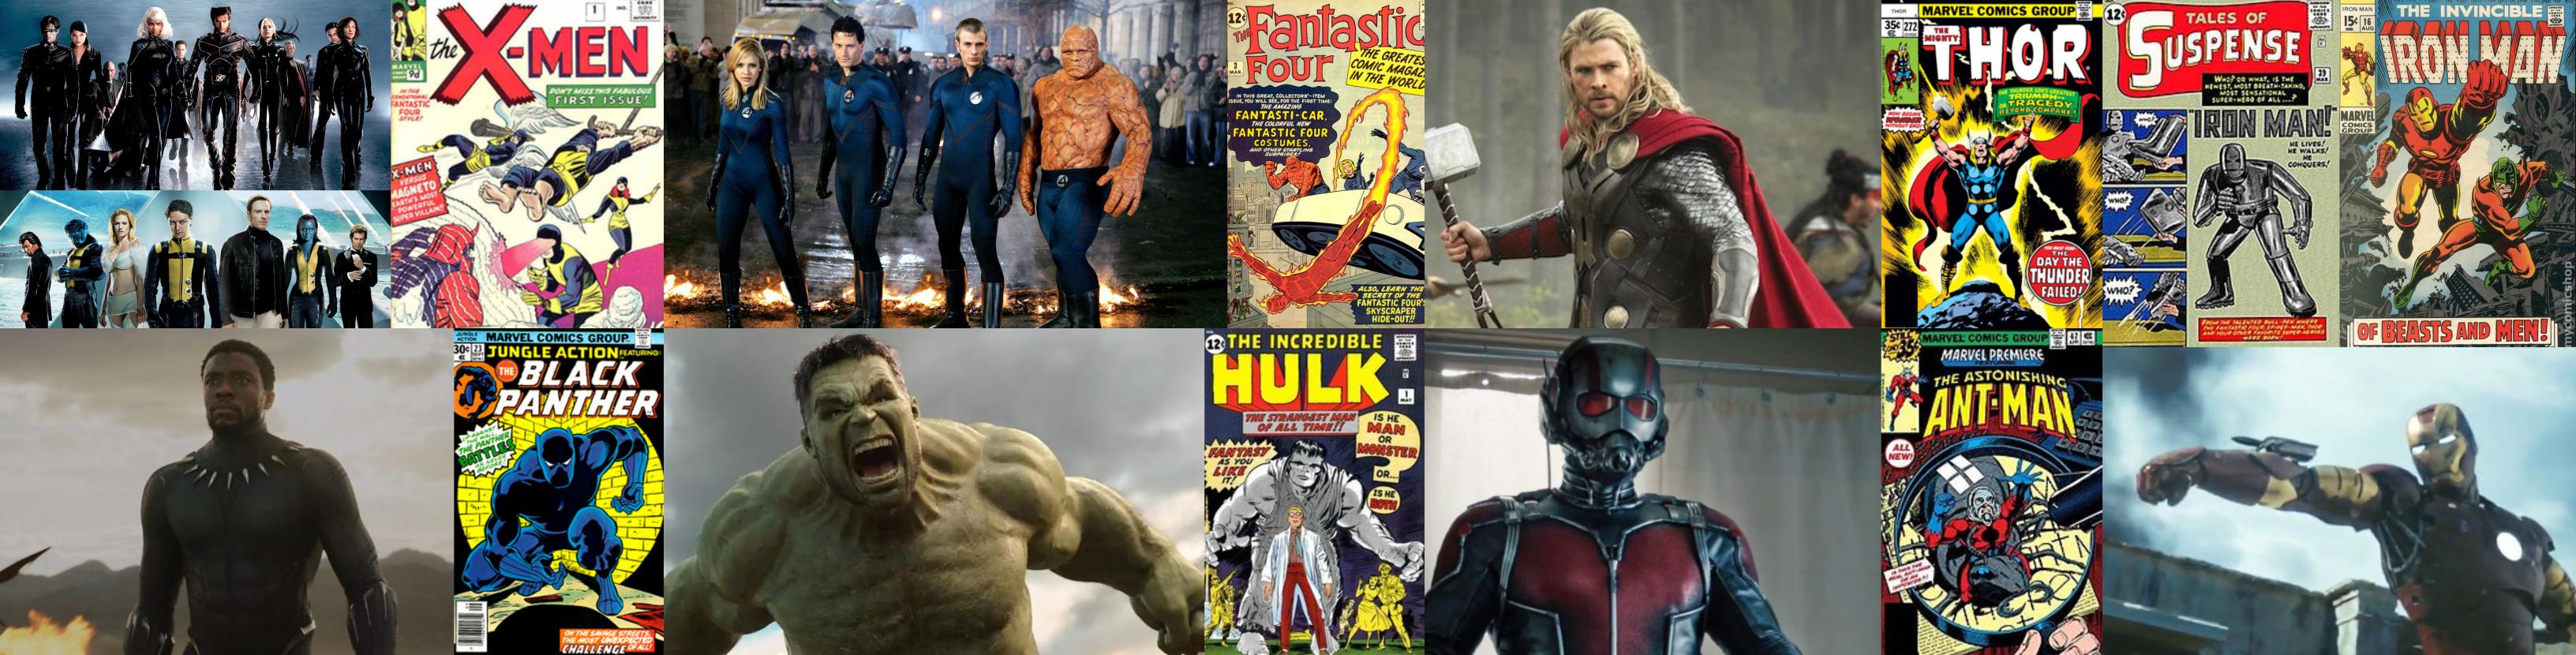 x men fantastic four thor iron man black panther hulk ant man